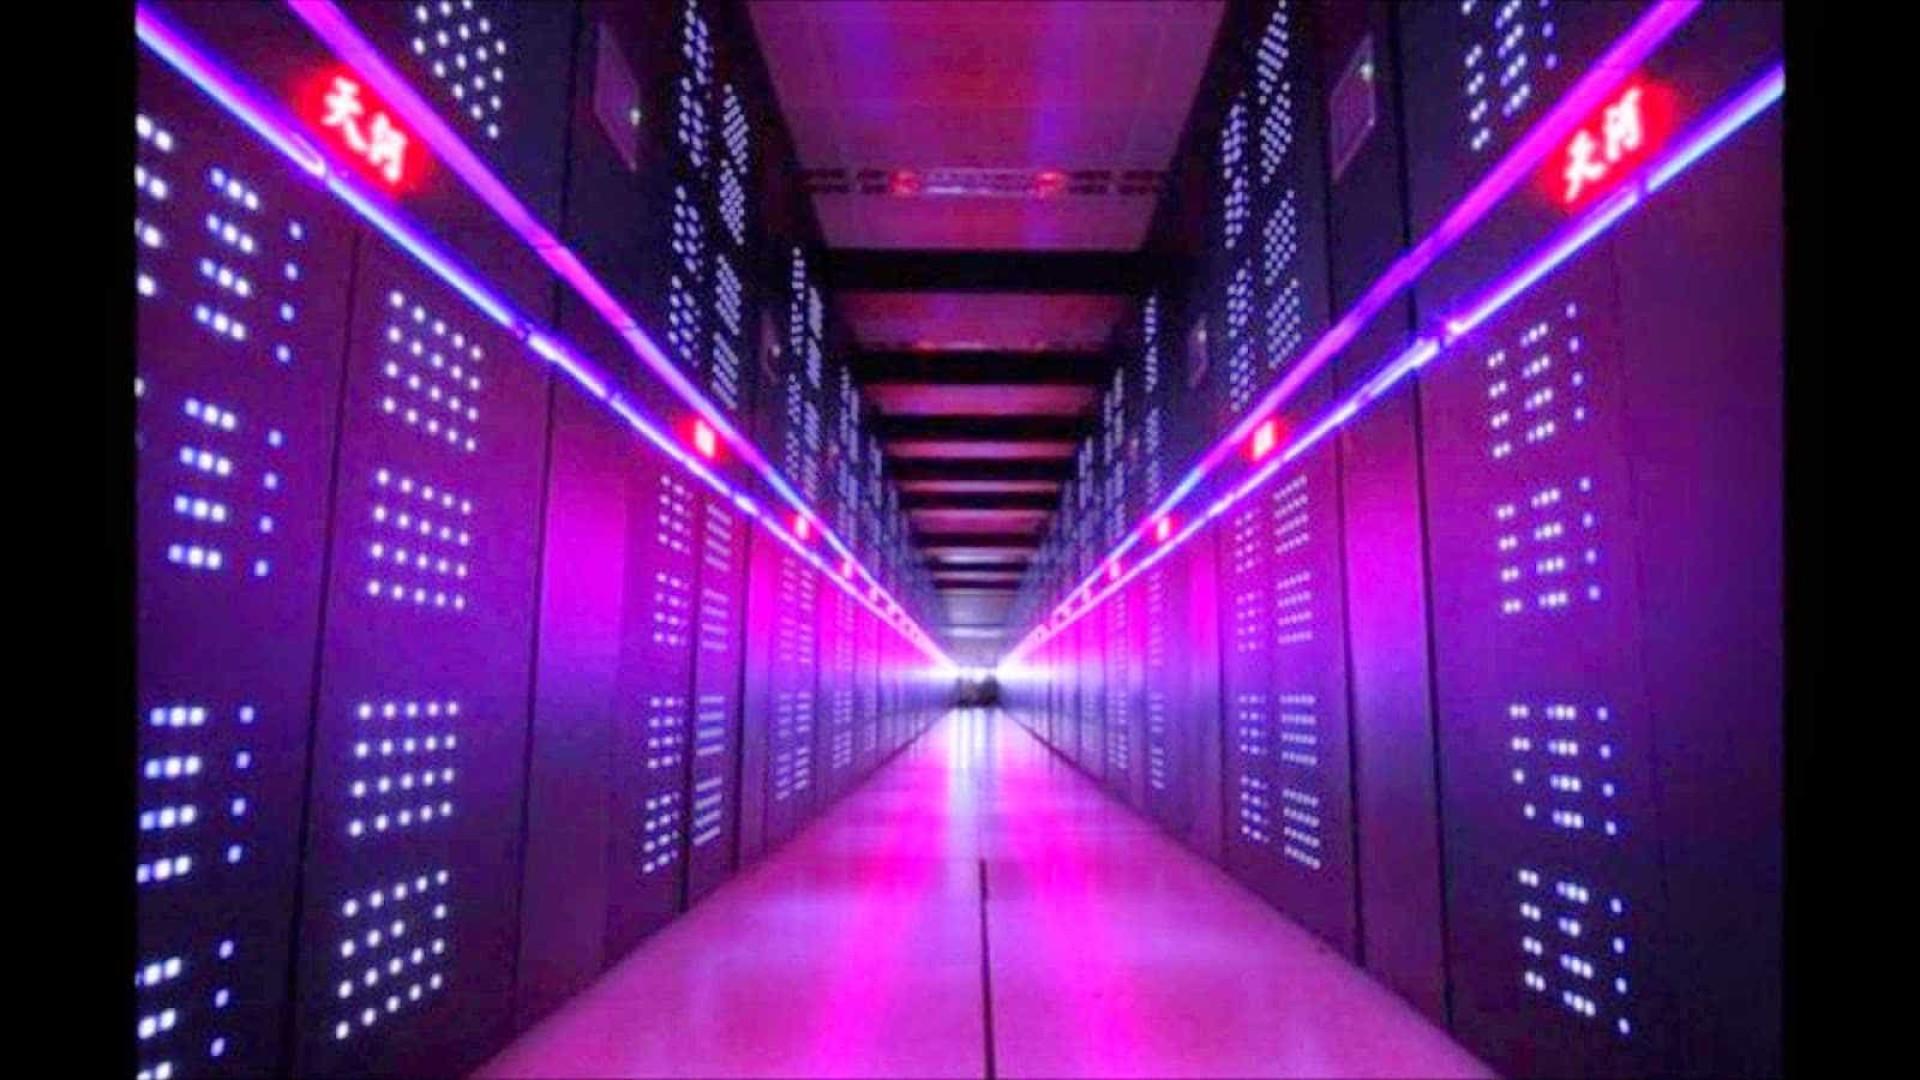 Europa abre cordões à bolsa para não perder corrida a 'supercomputadores'